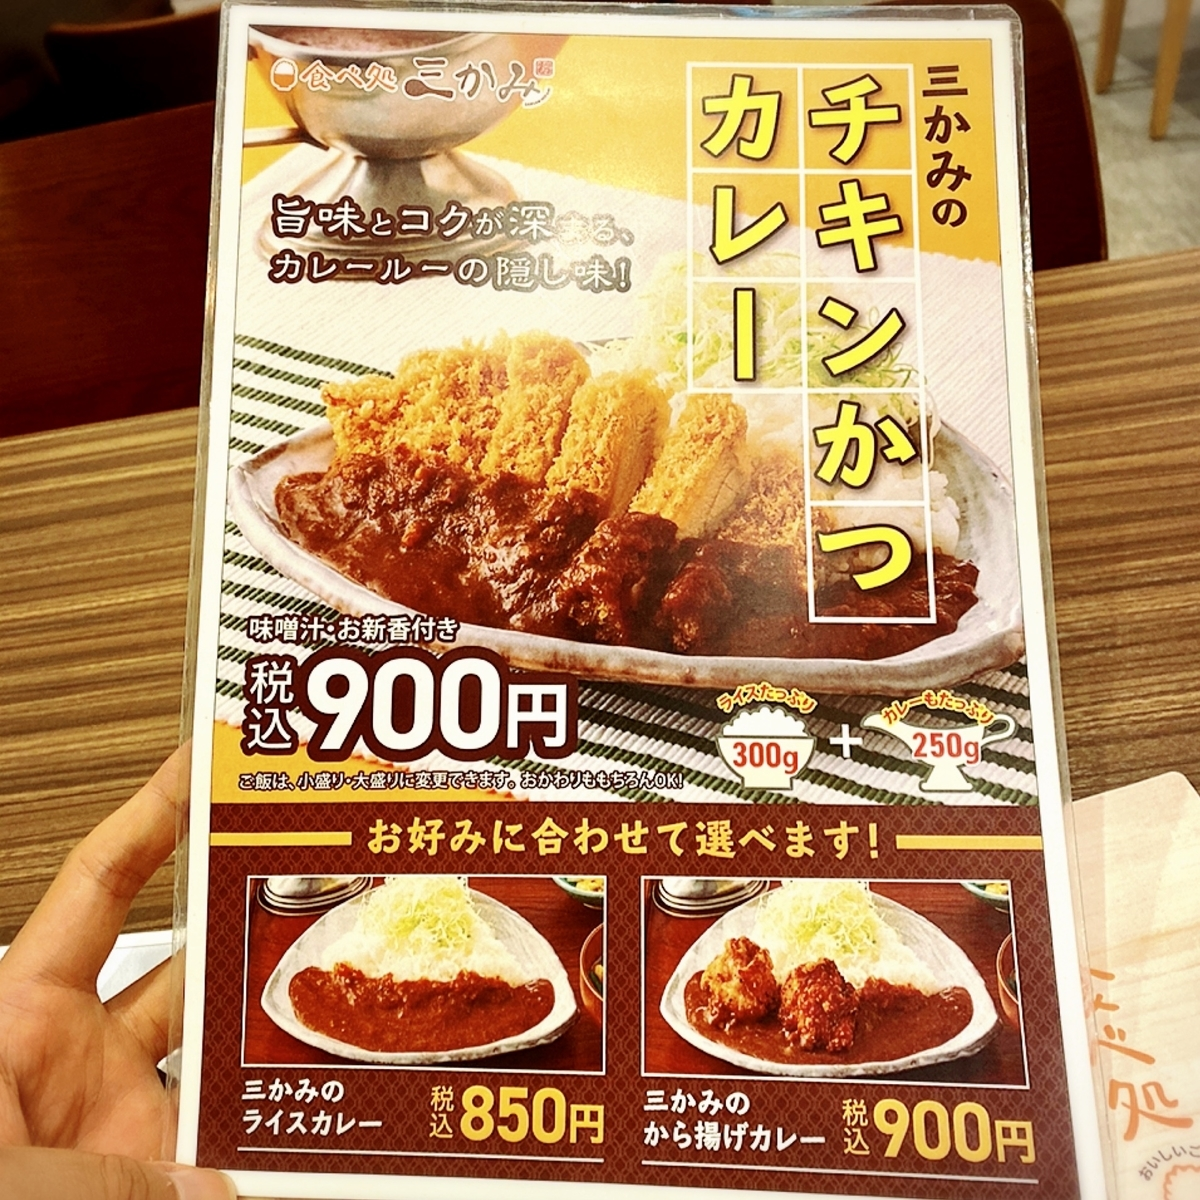 「食べ処 三かみ」のメニューと値段2